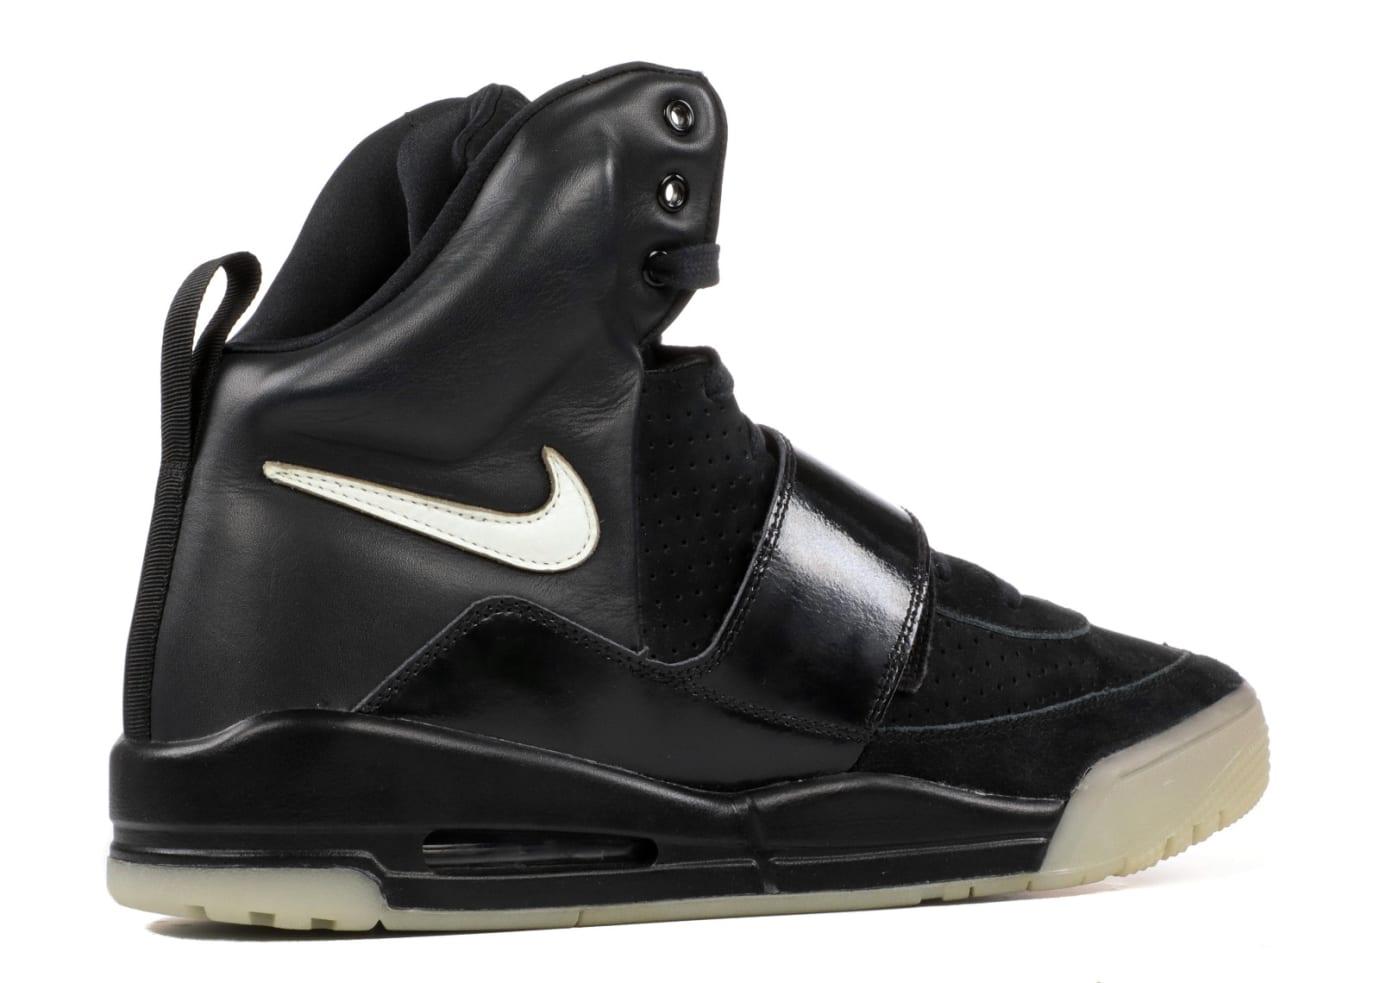 Nike Air Yeezy Glow Sample Heel